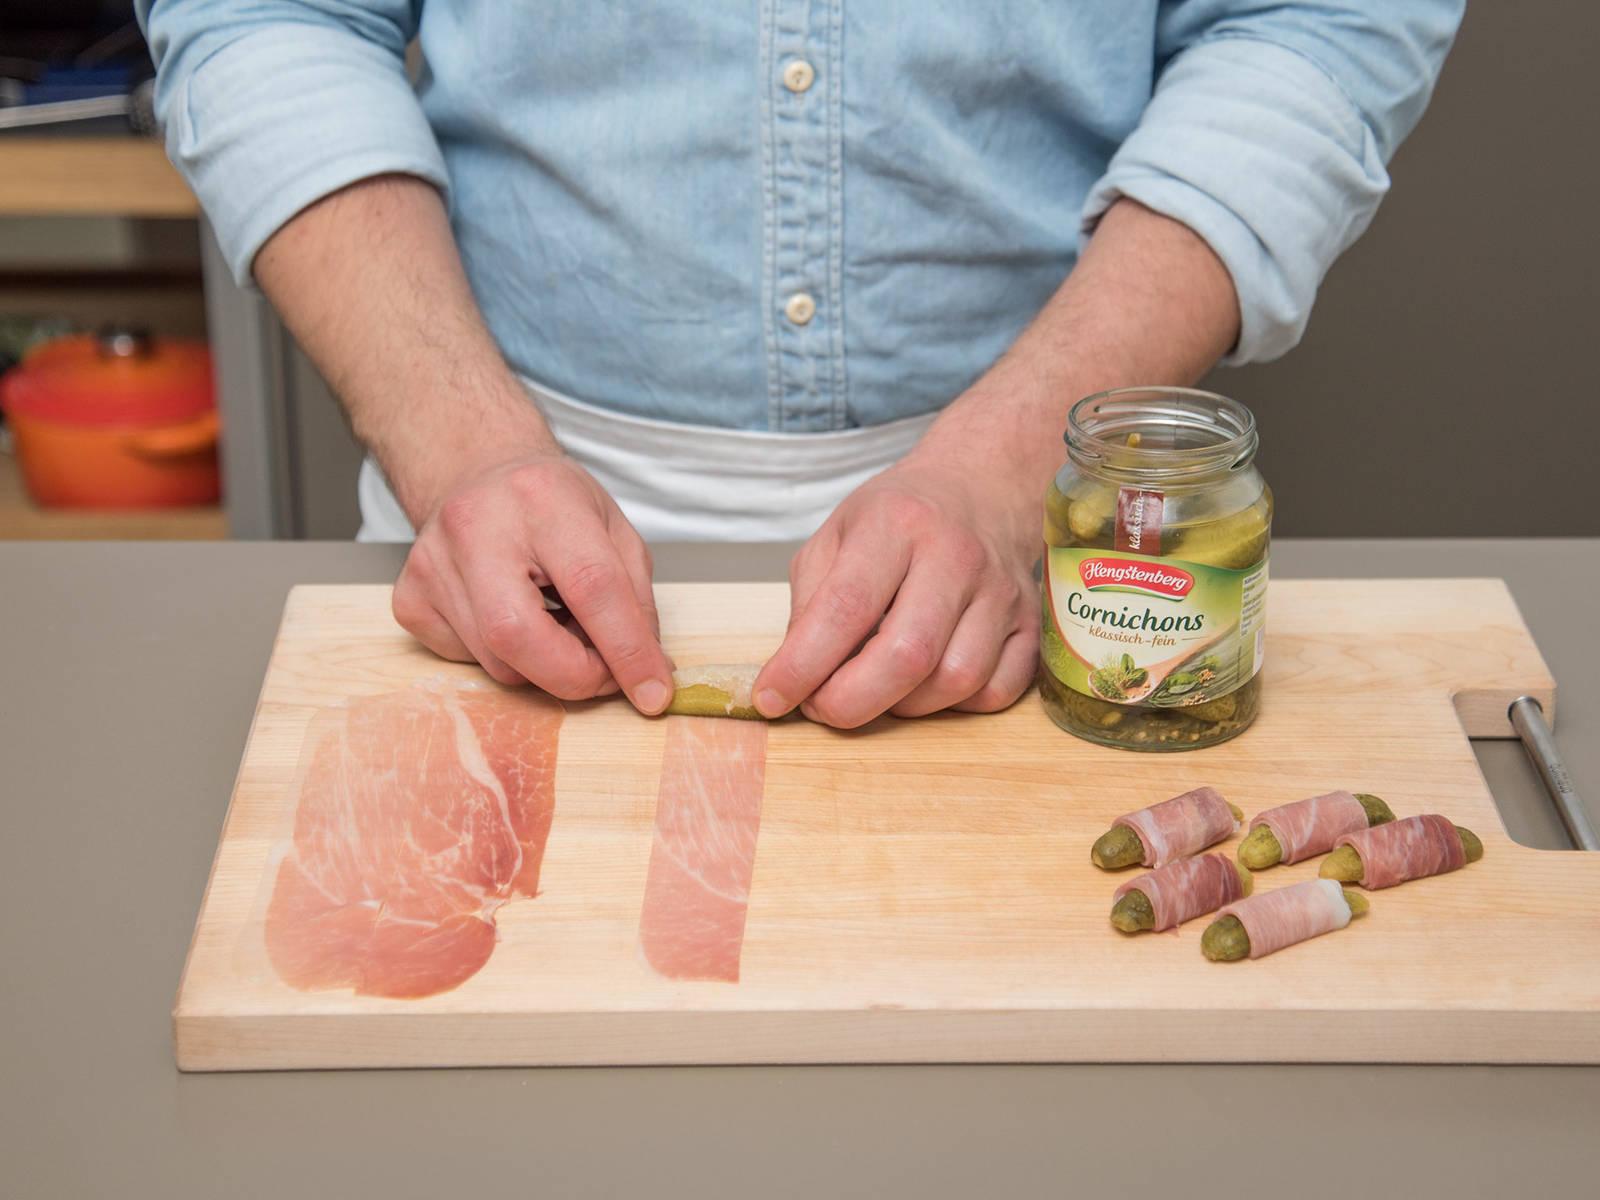 将酸黄瓜和帕尔马火腿纵向切半。用火腿裹住半边酸黄瓜,然后置于一旁。